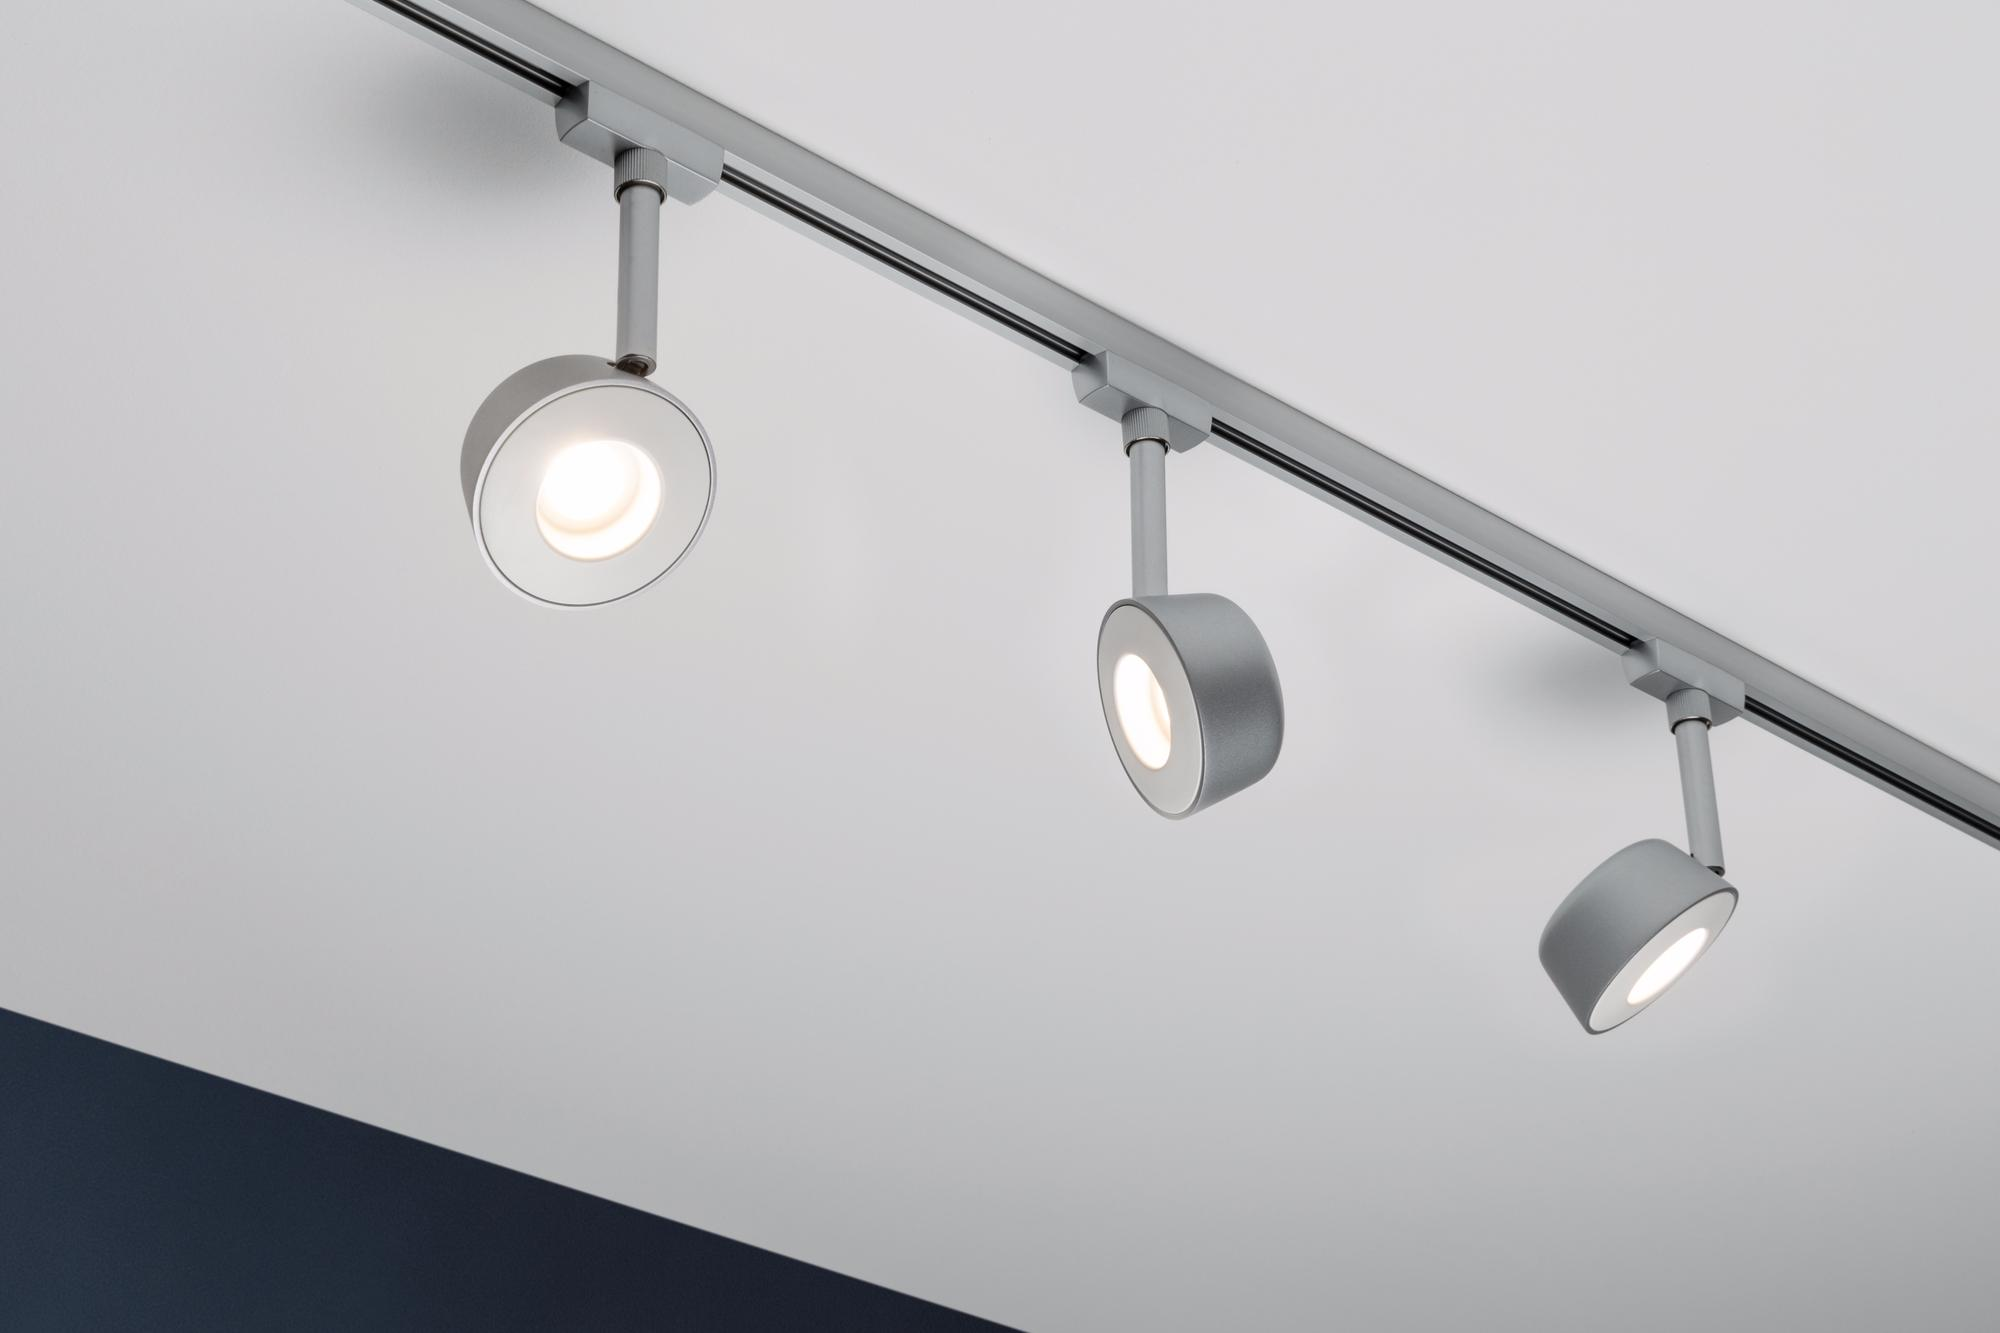 eclairage tableau eclairage sur rail plafond halog ne spot pellet. Black Bedroom Furniture Sets. Home Design Ideas